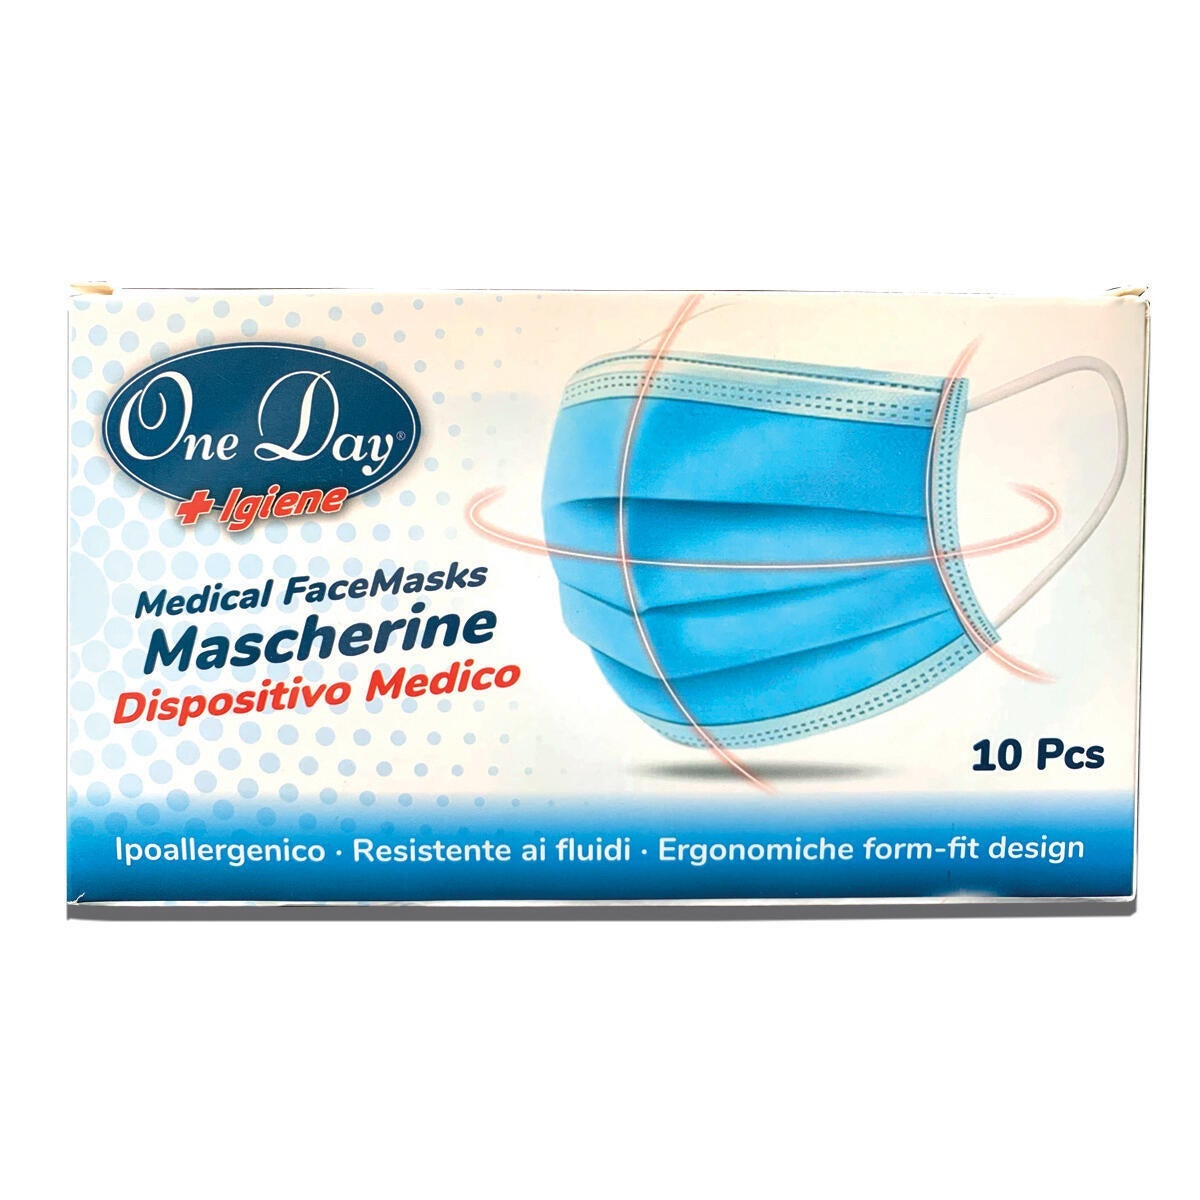 Mascherina igienica Kit One Day 10 mascherine+4 flaconi gel 10 pezzi - 4